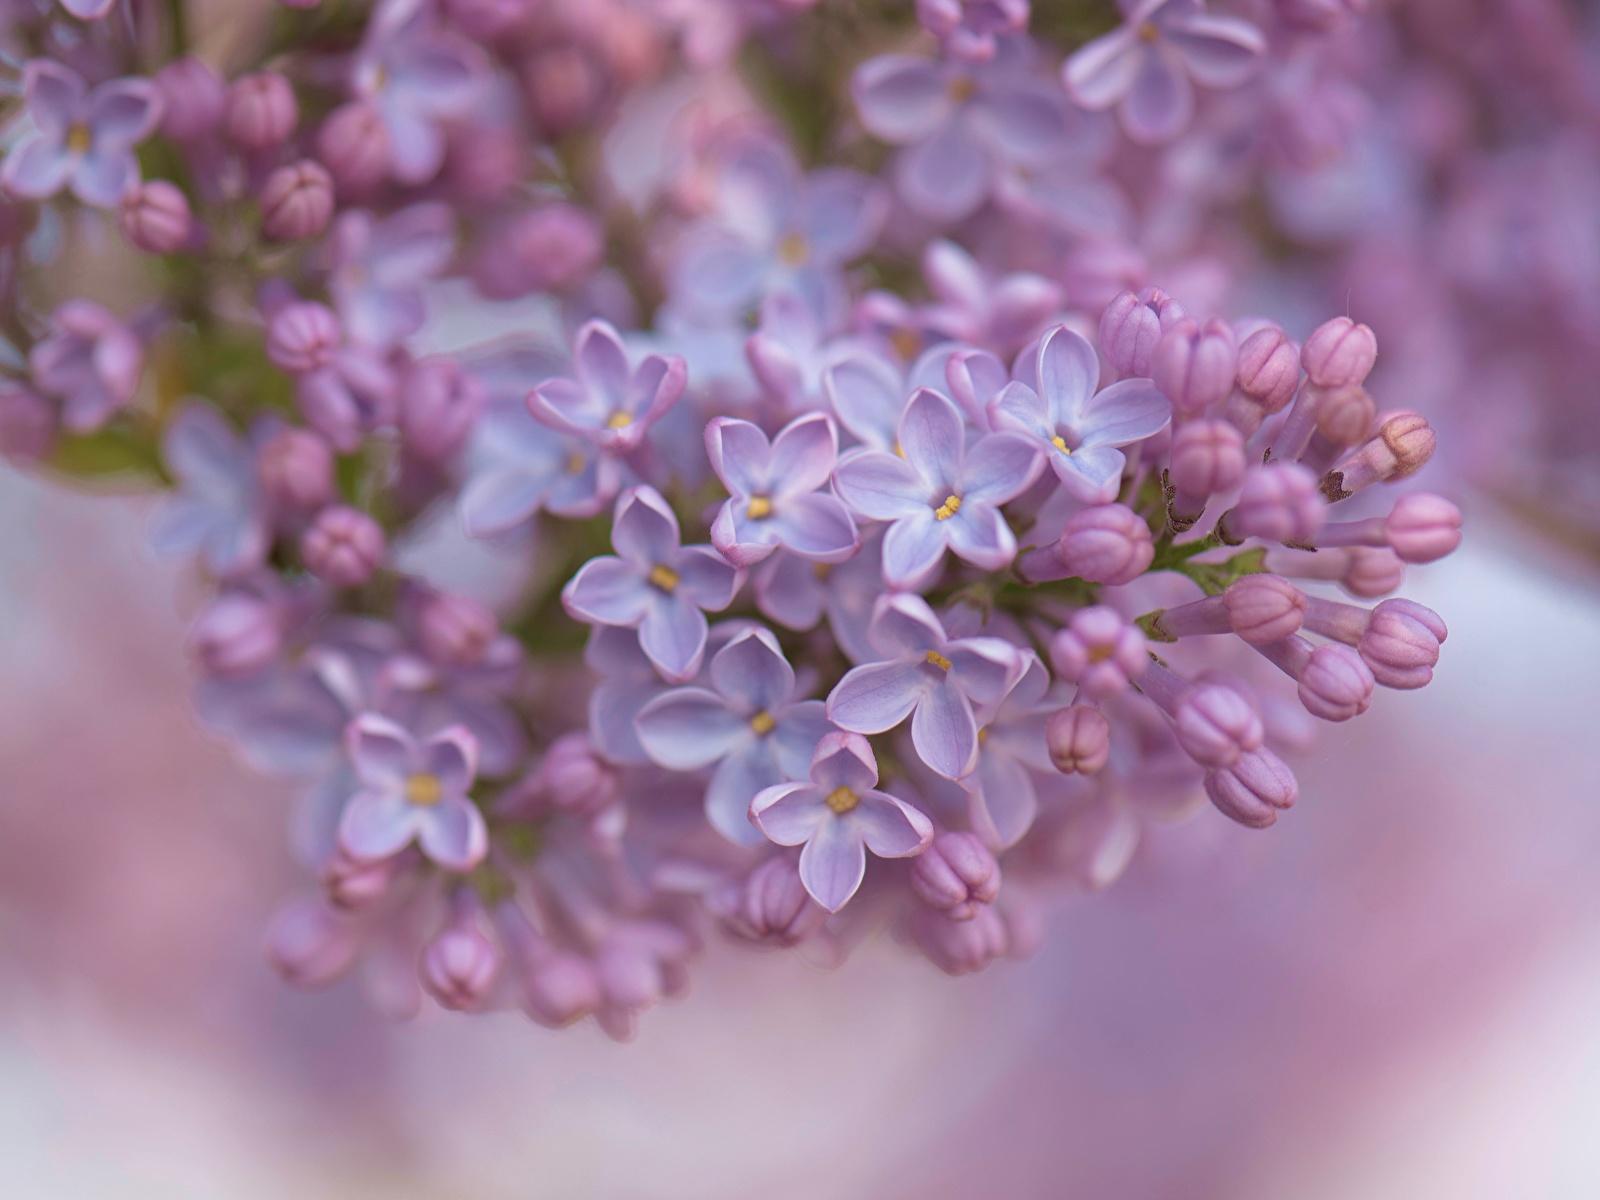 Bilder von unscharfer Hintergrund Blütenblätter Blumen Flieder hautnah 1600x1200 Bokeh kronblätter Blüte Syringa Nahaufnahme Großansicht